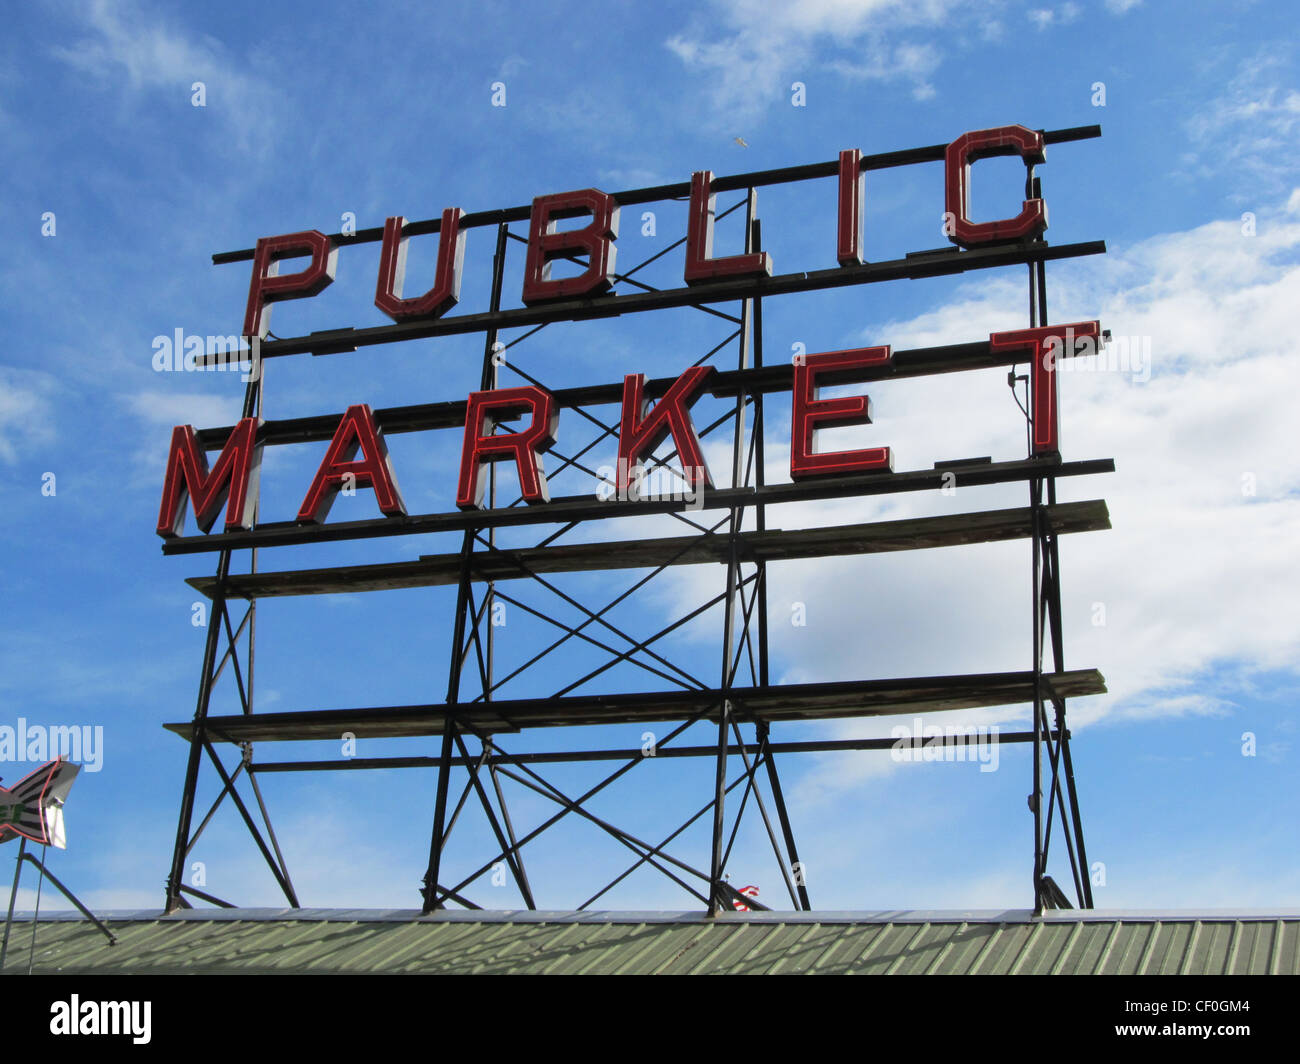 Segno per il Mercato di Pike Place, Seattle Washington con cielo blu sullo sfondo. Immagini Stock